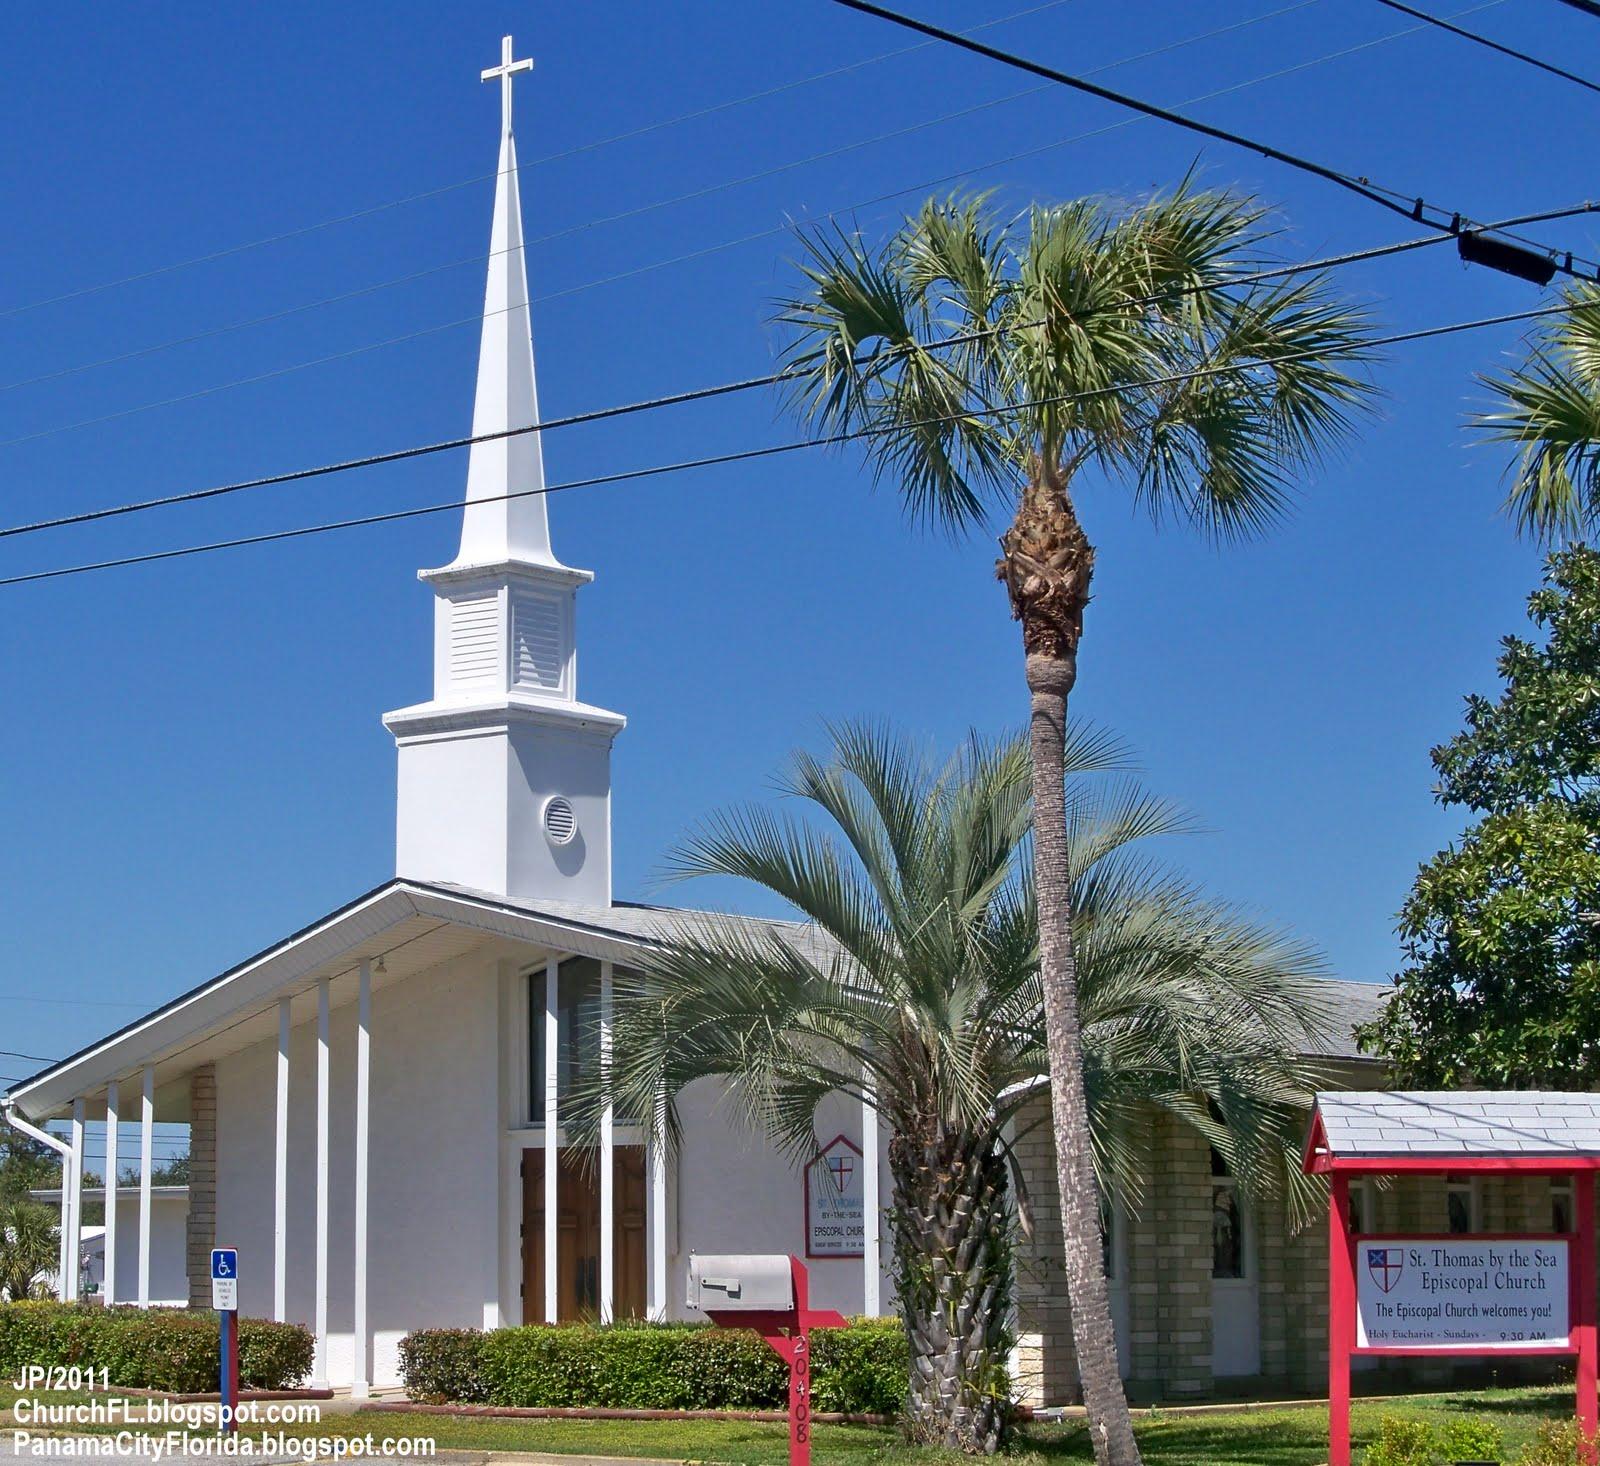 Ordinary Cme Churches #5: EPISCOPAL+CHURCHES%252C+St.+Thomas+By+The+Sea+Episcopal+Church+Panama+City+Beach+Florida.jpg